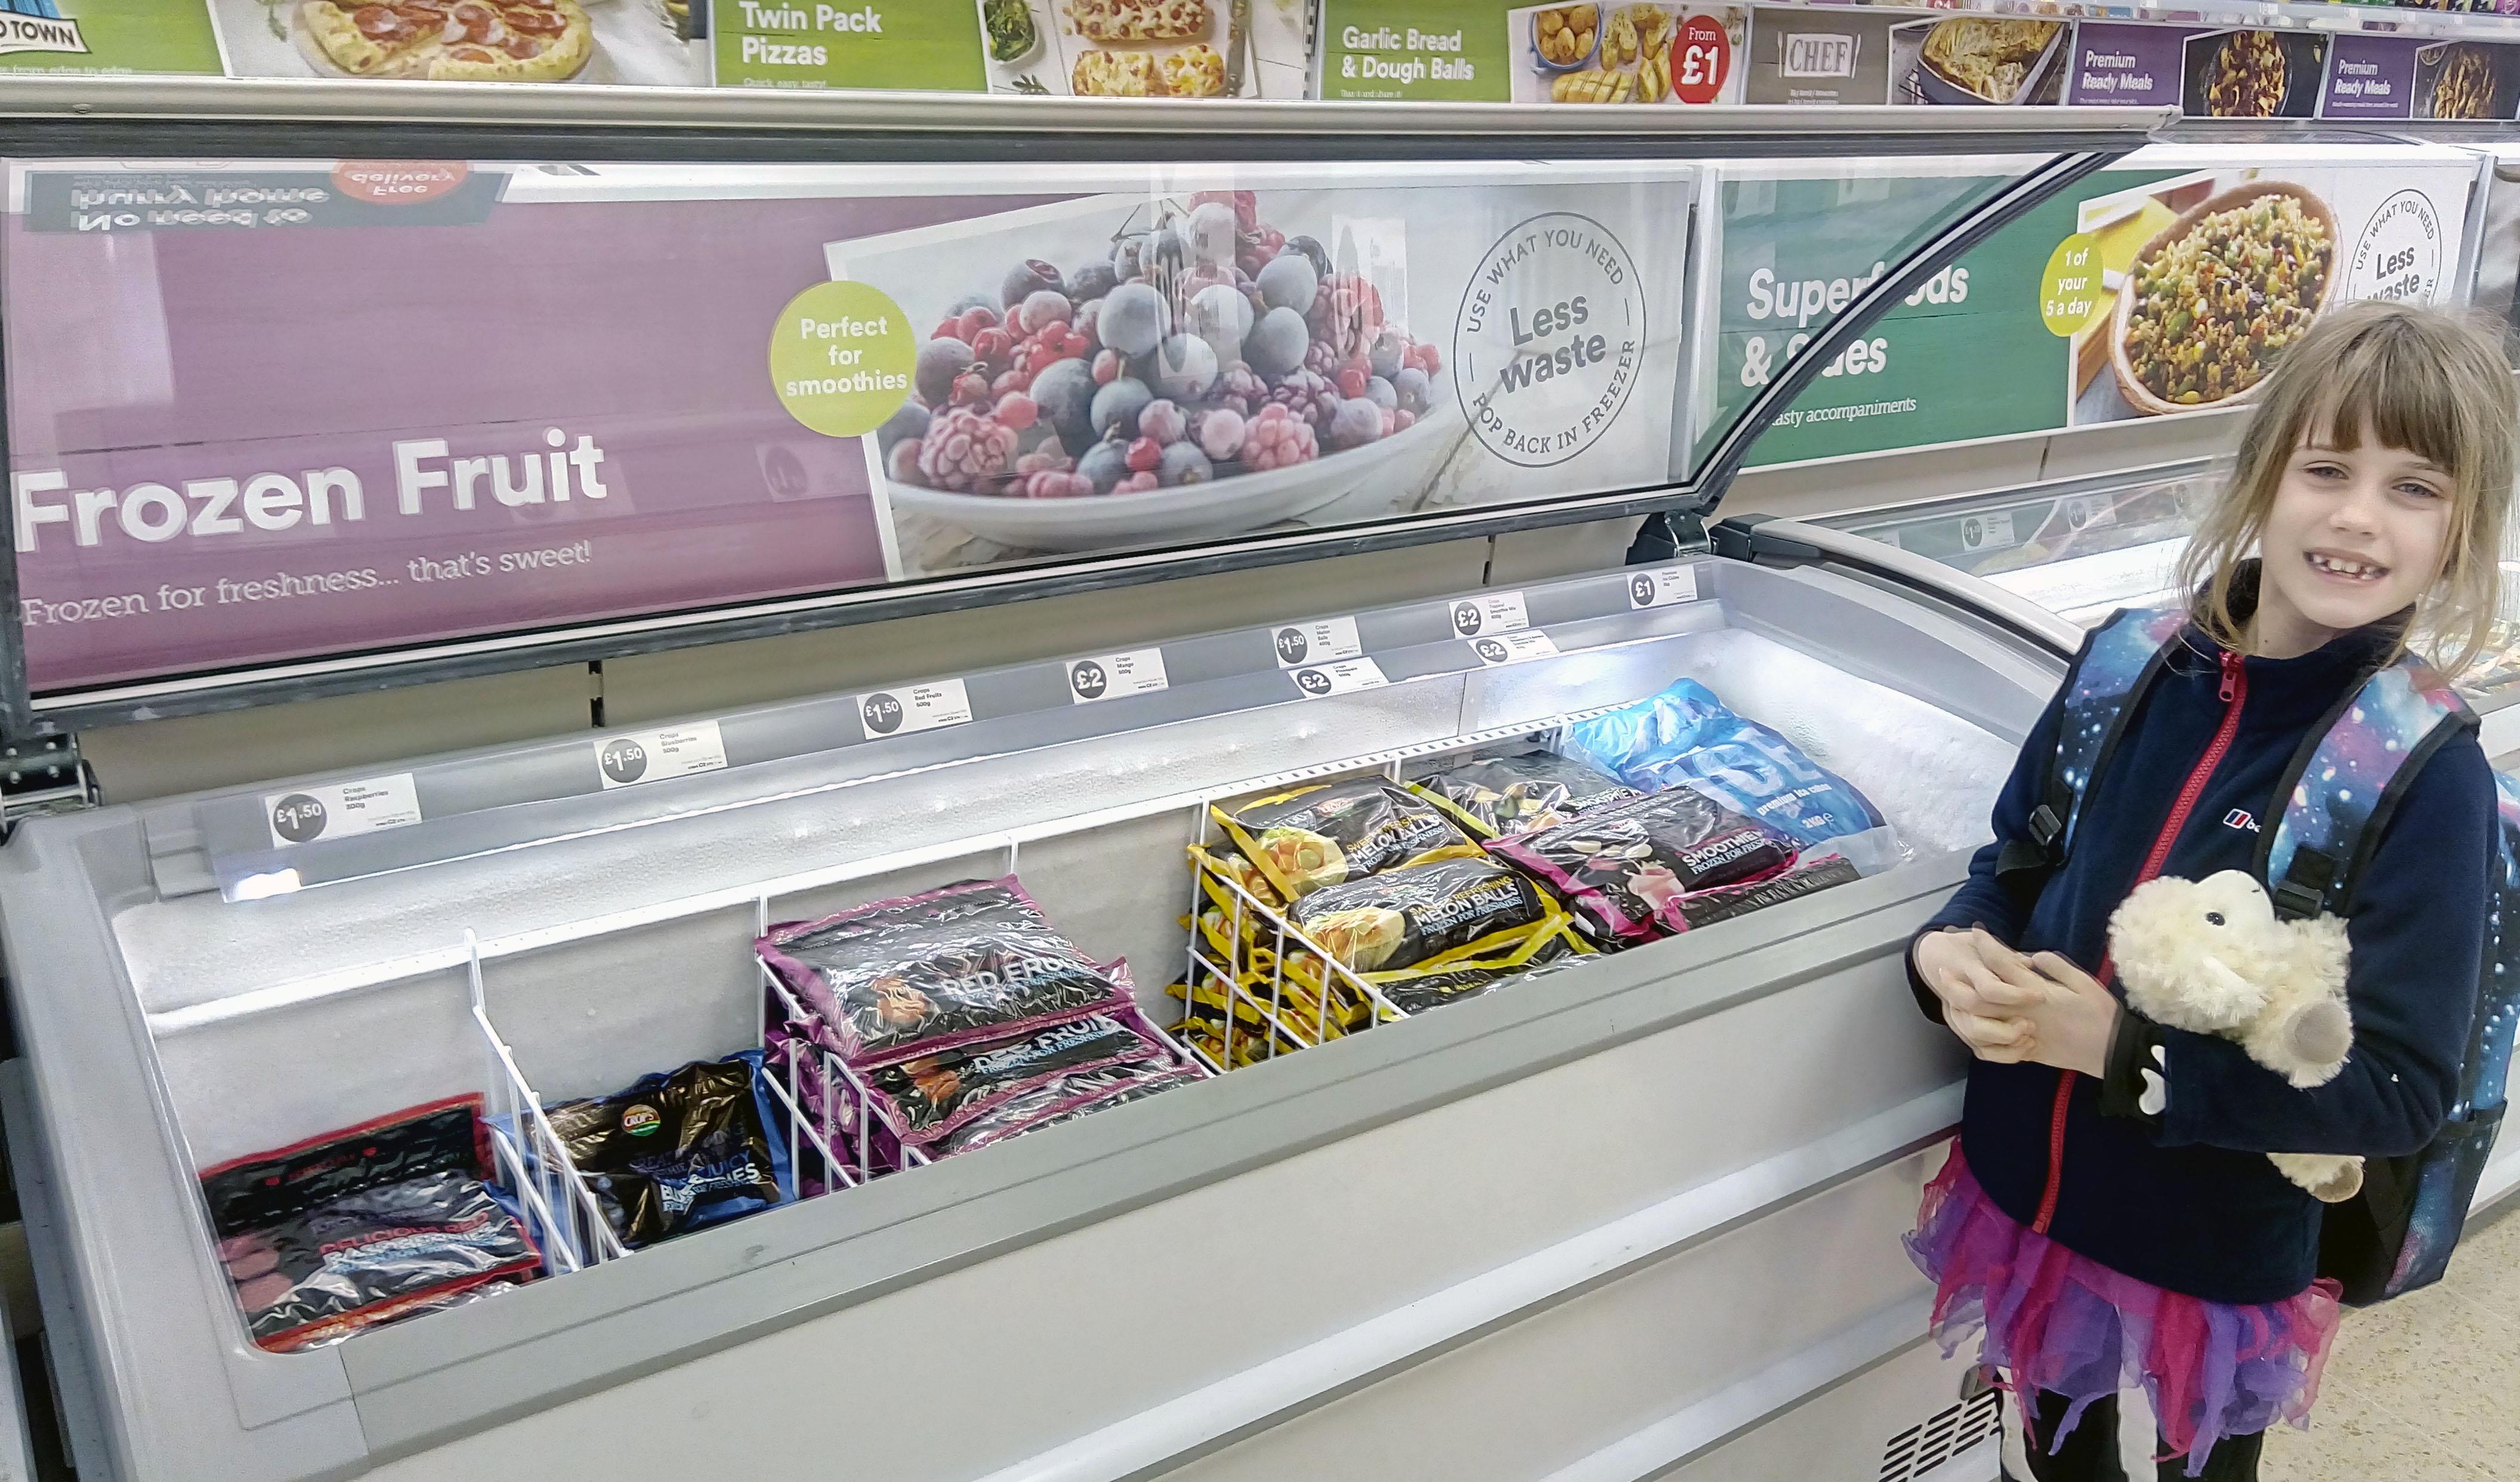 Iceland, #Poweroffrozen, mocktails, dadbloguk, dadbloguk.com, frozen fruit